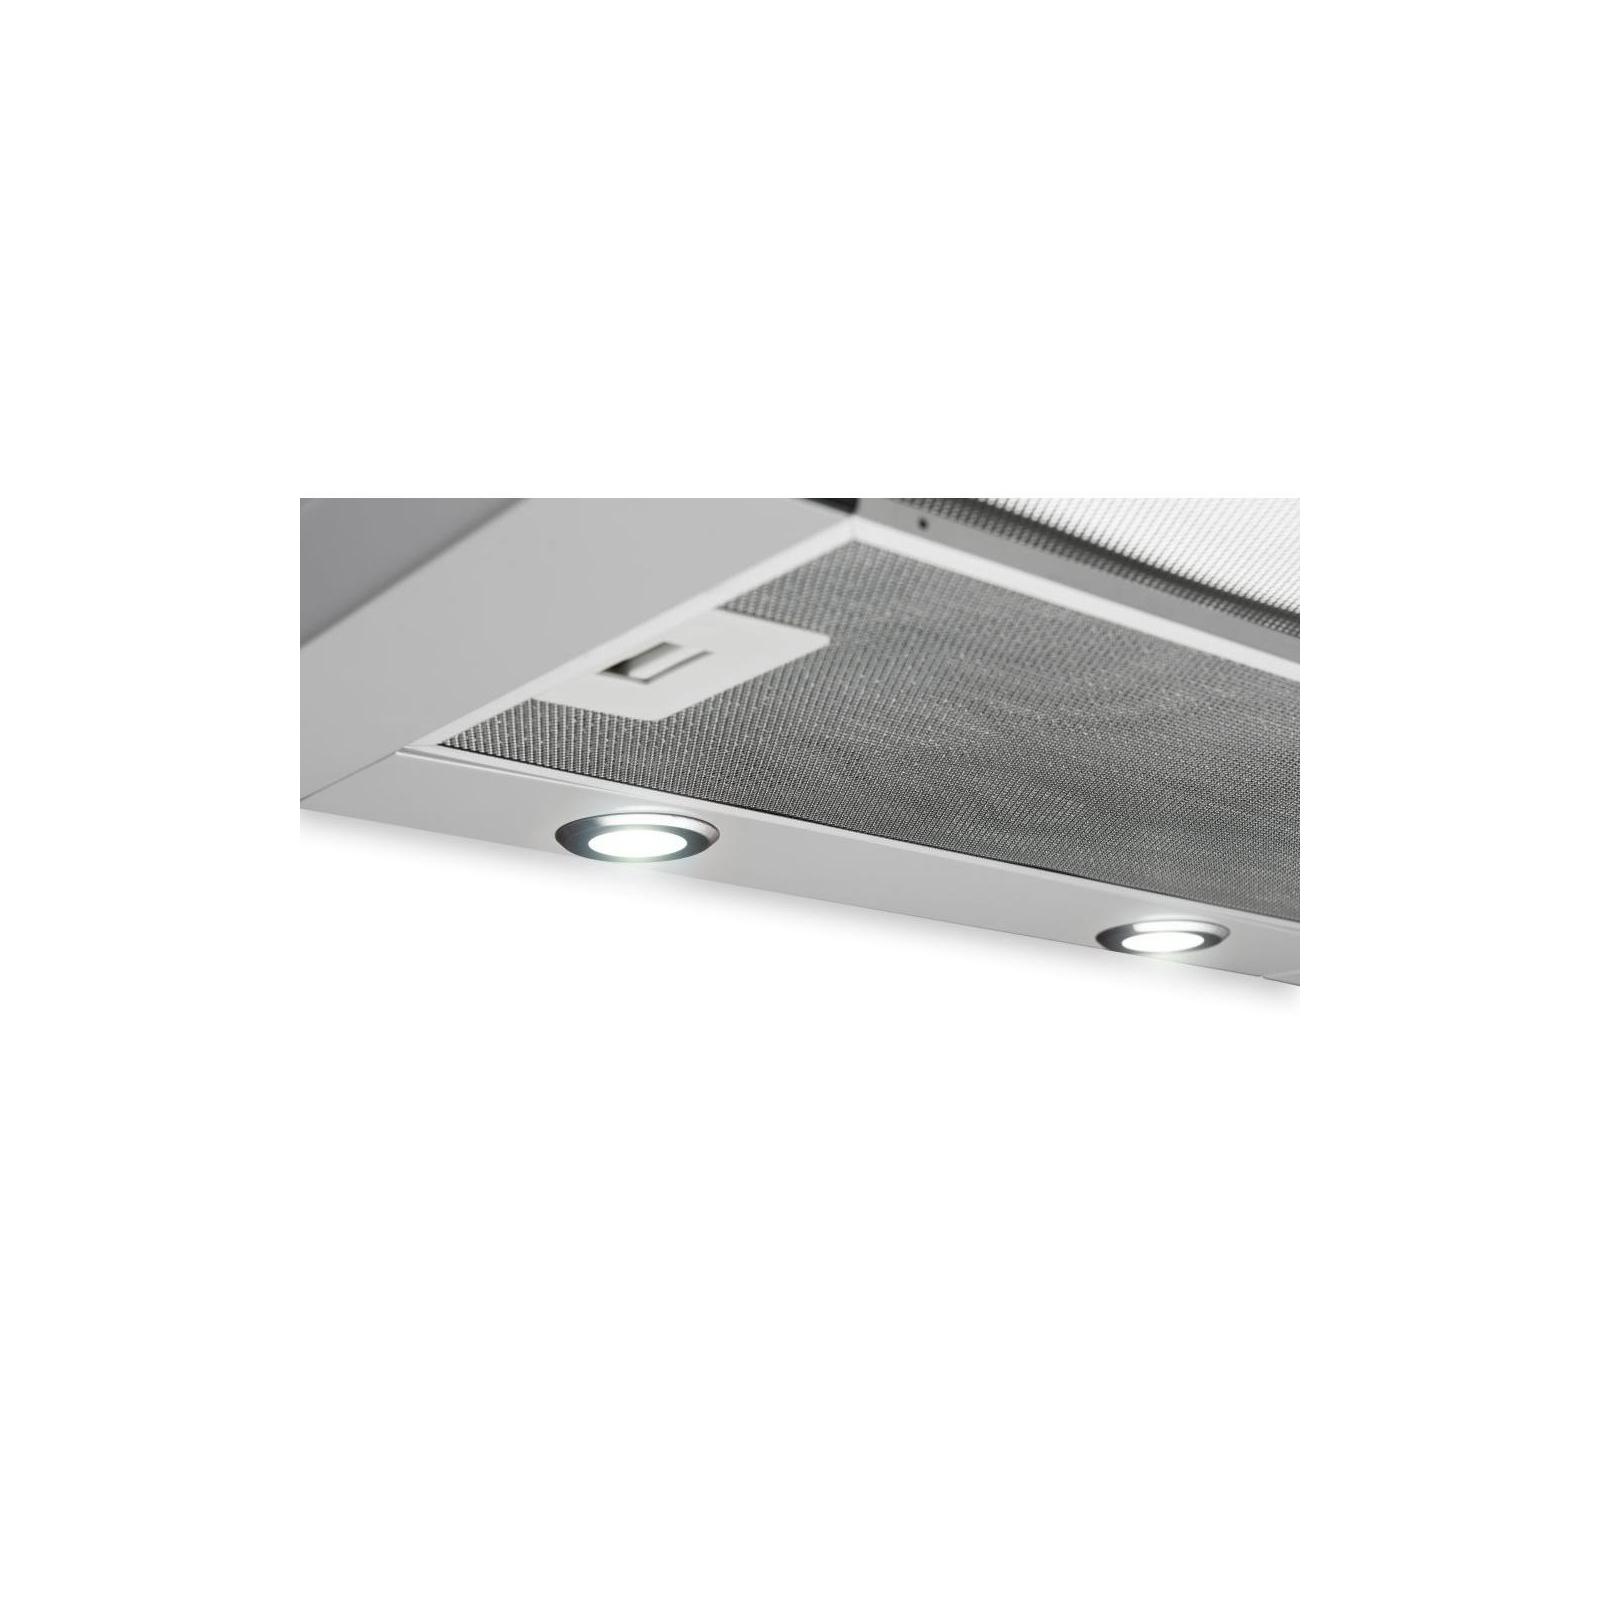 Вытяжка кухонная MINOLA HTL 6172 I/BL GLASS 650 LED изображение 8